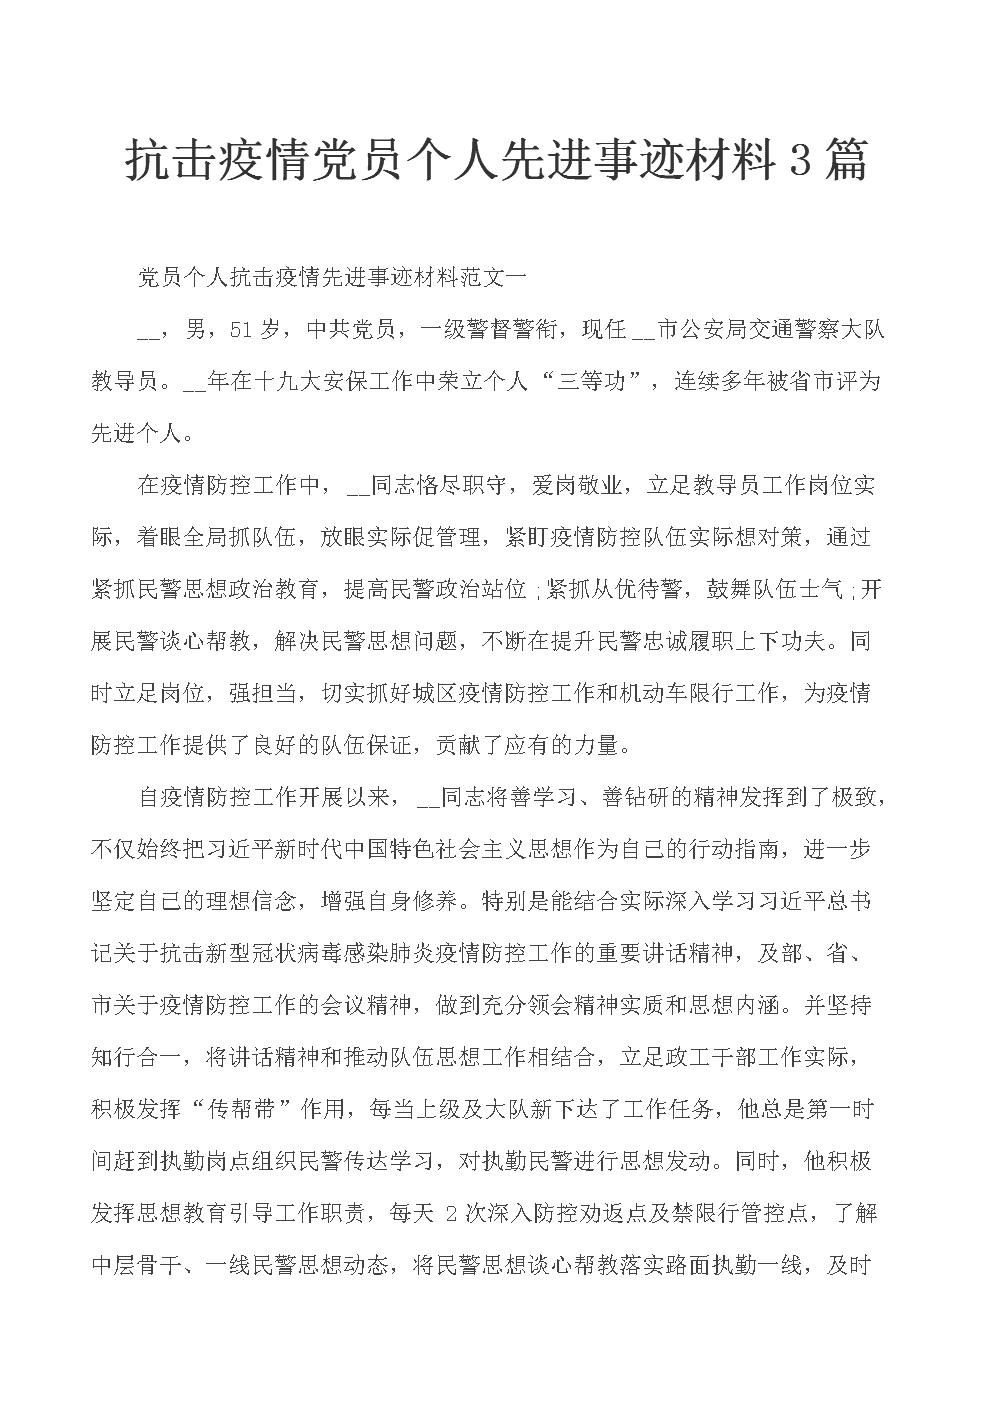 抗击疫情党员个人先进事迹材料3篇.docx